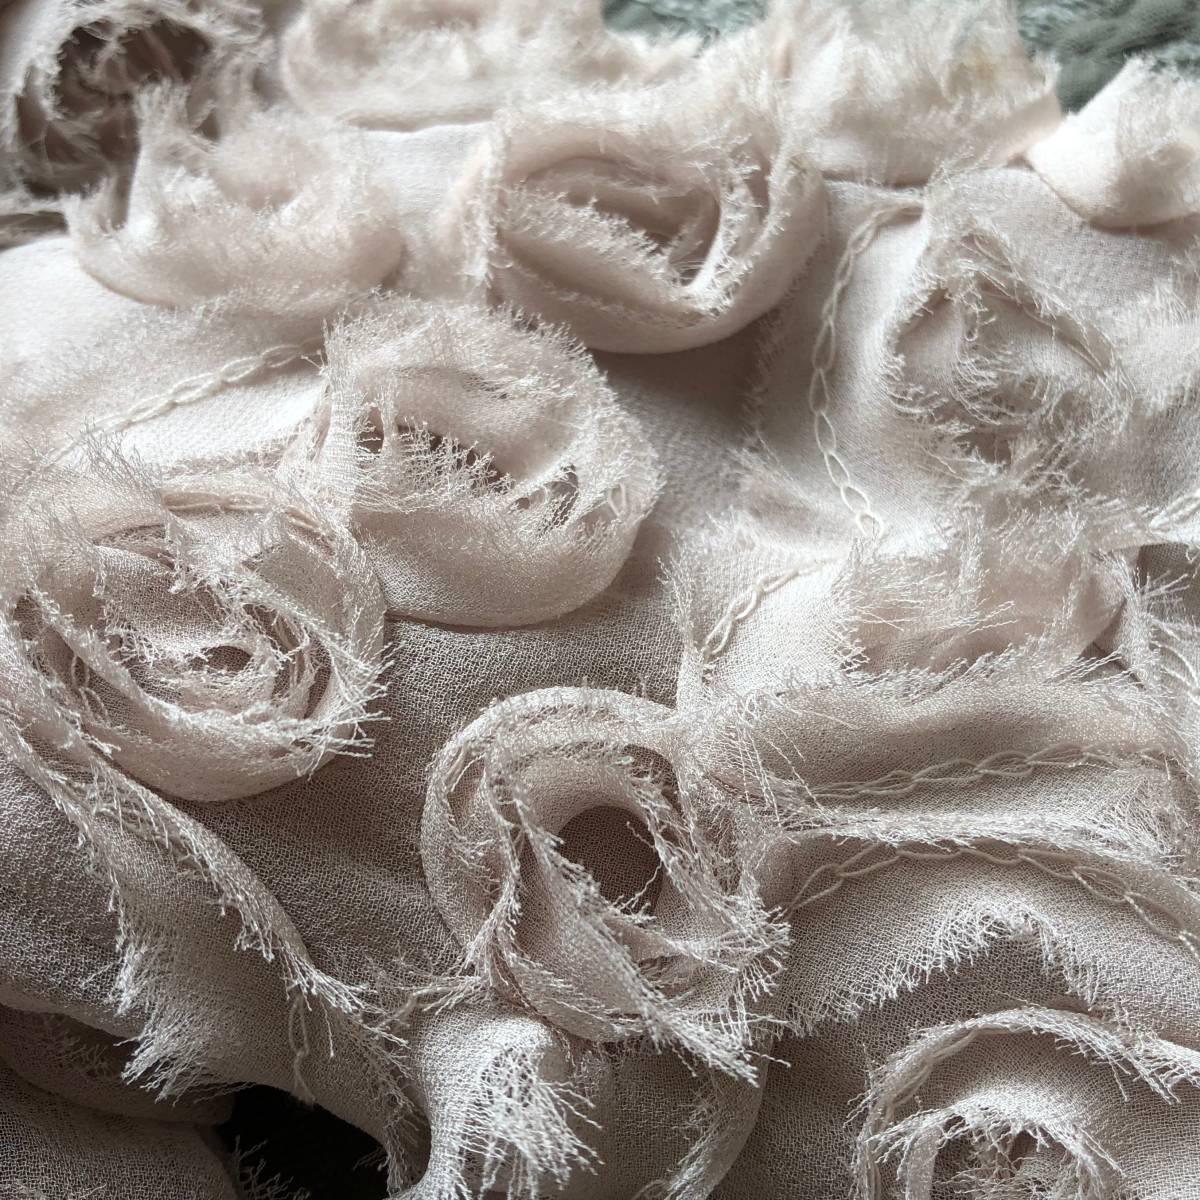 ピンクベージュ ノーカラージャケット ショート丈 S-Mの方に ローズ薔薇いっぱい *上品フェミニンお呼ばれボレロ好き 難ありリメイク素材_画像4